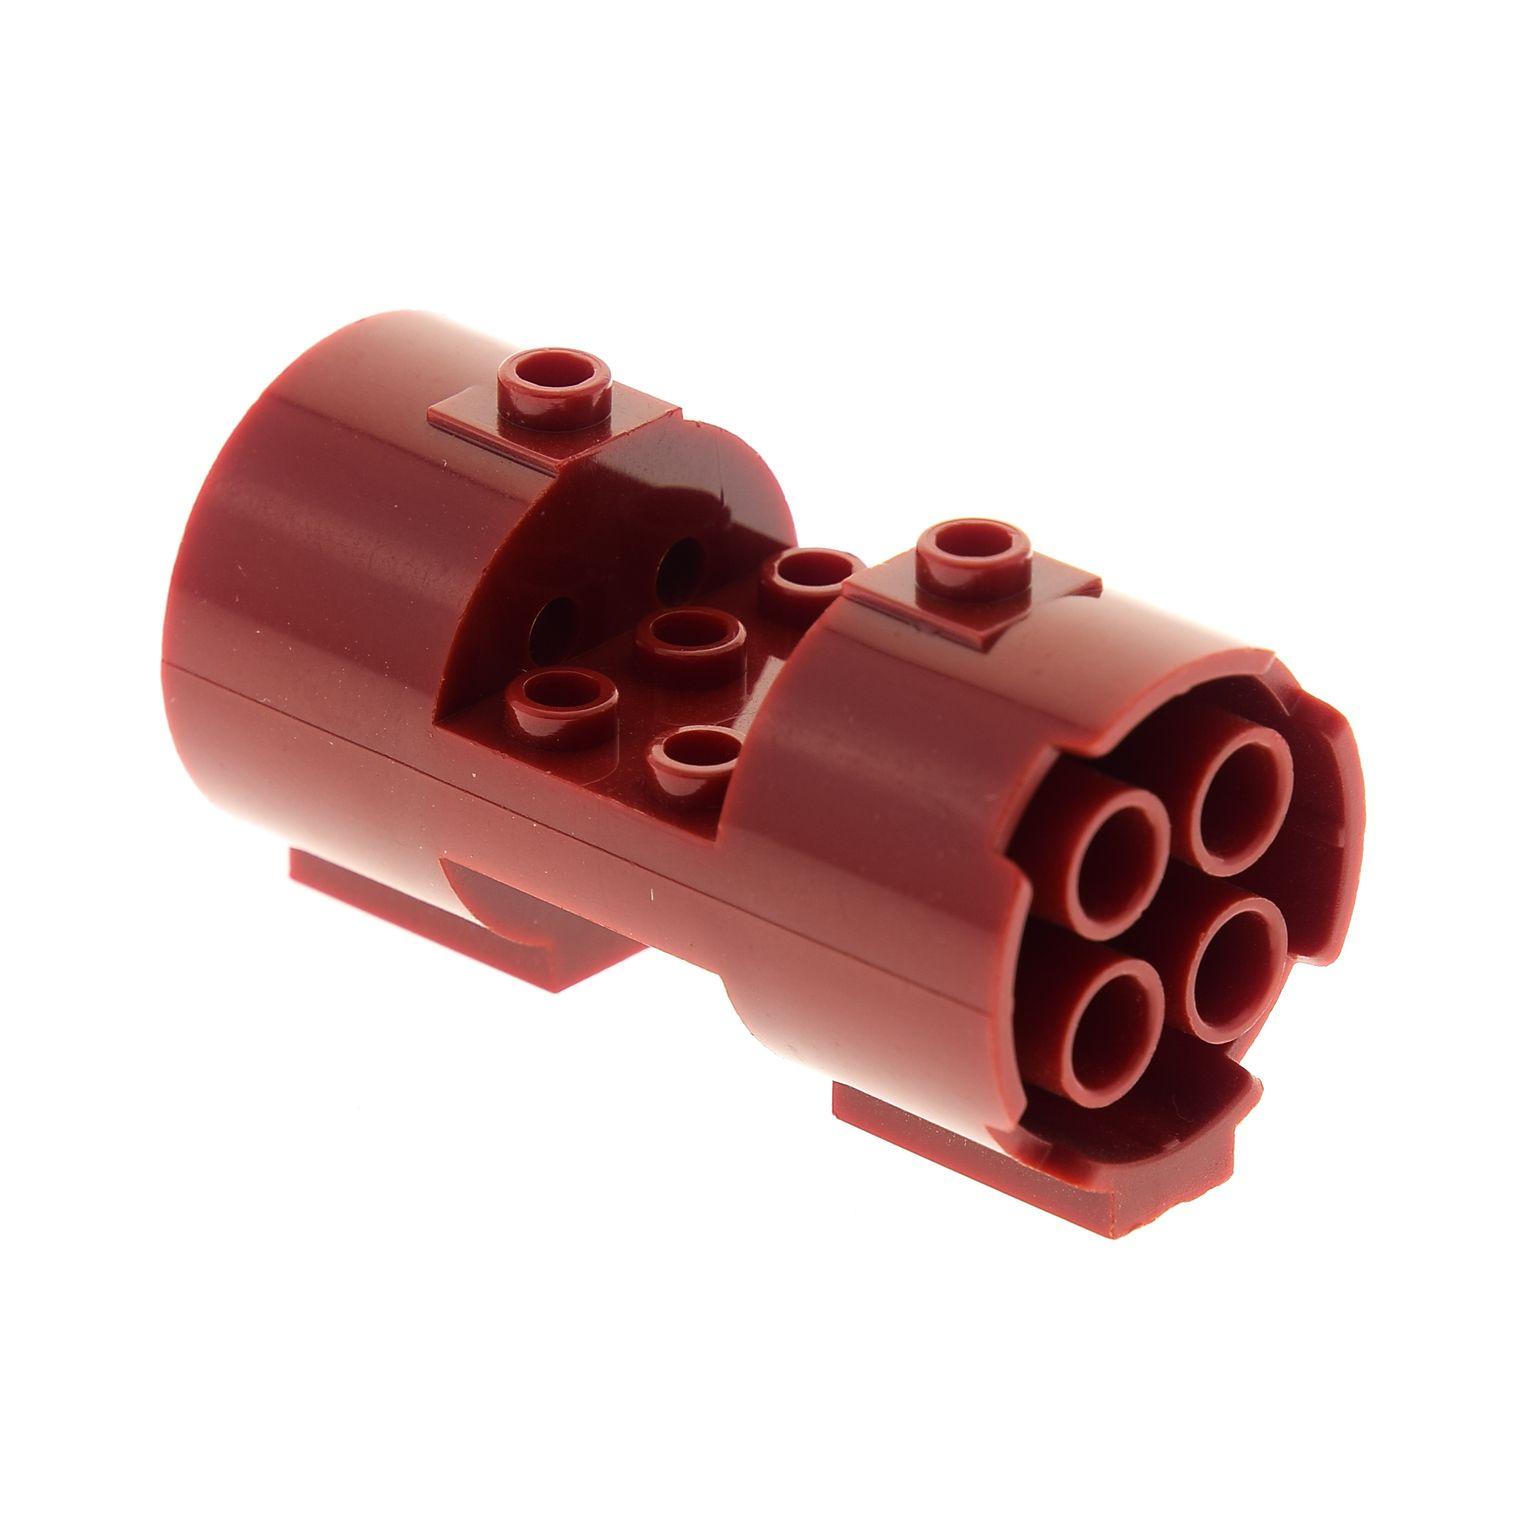 1 x Lego System Zylinder rot 3x6x2 Triebwerk Düse Set Star Wars 7134 30360